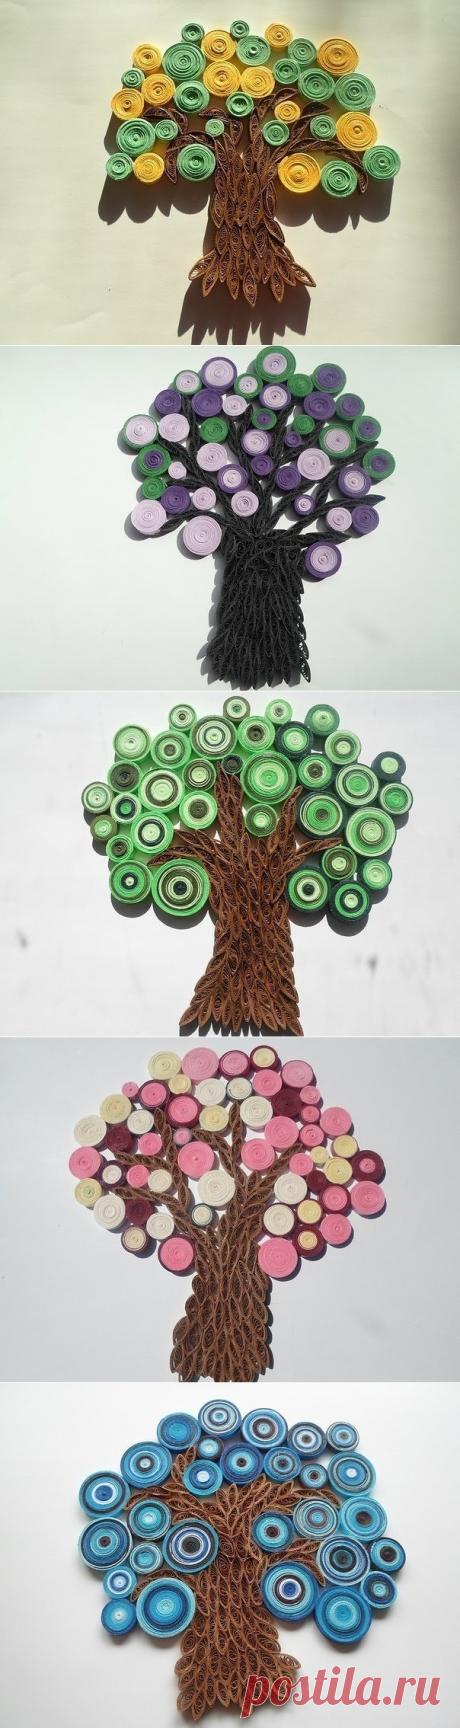 Trees. Kvilling.